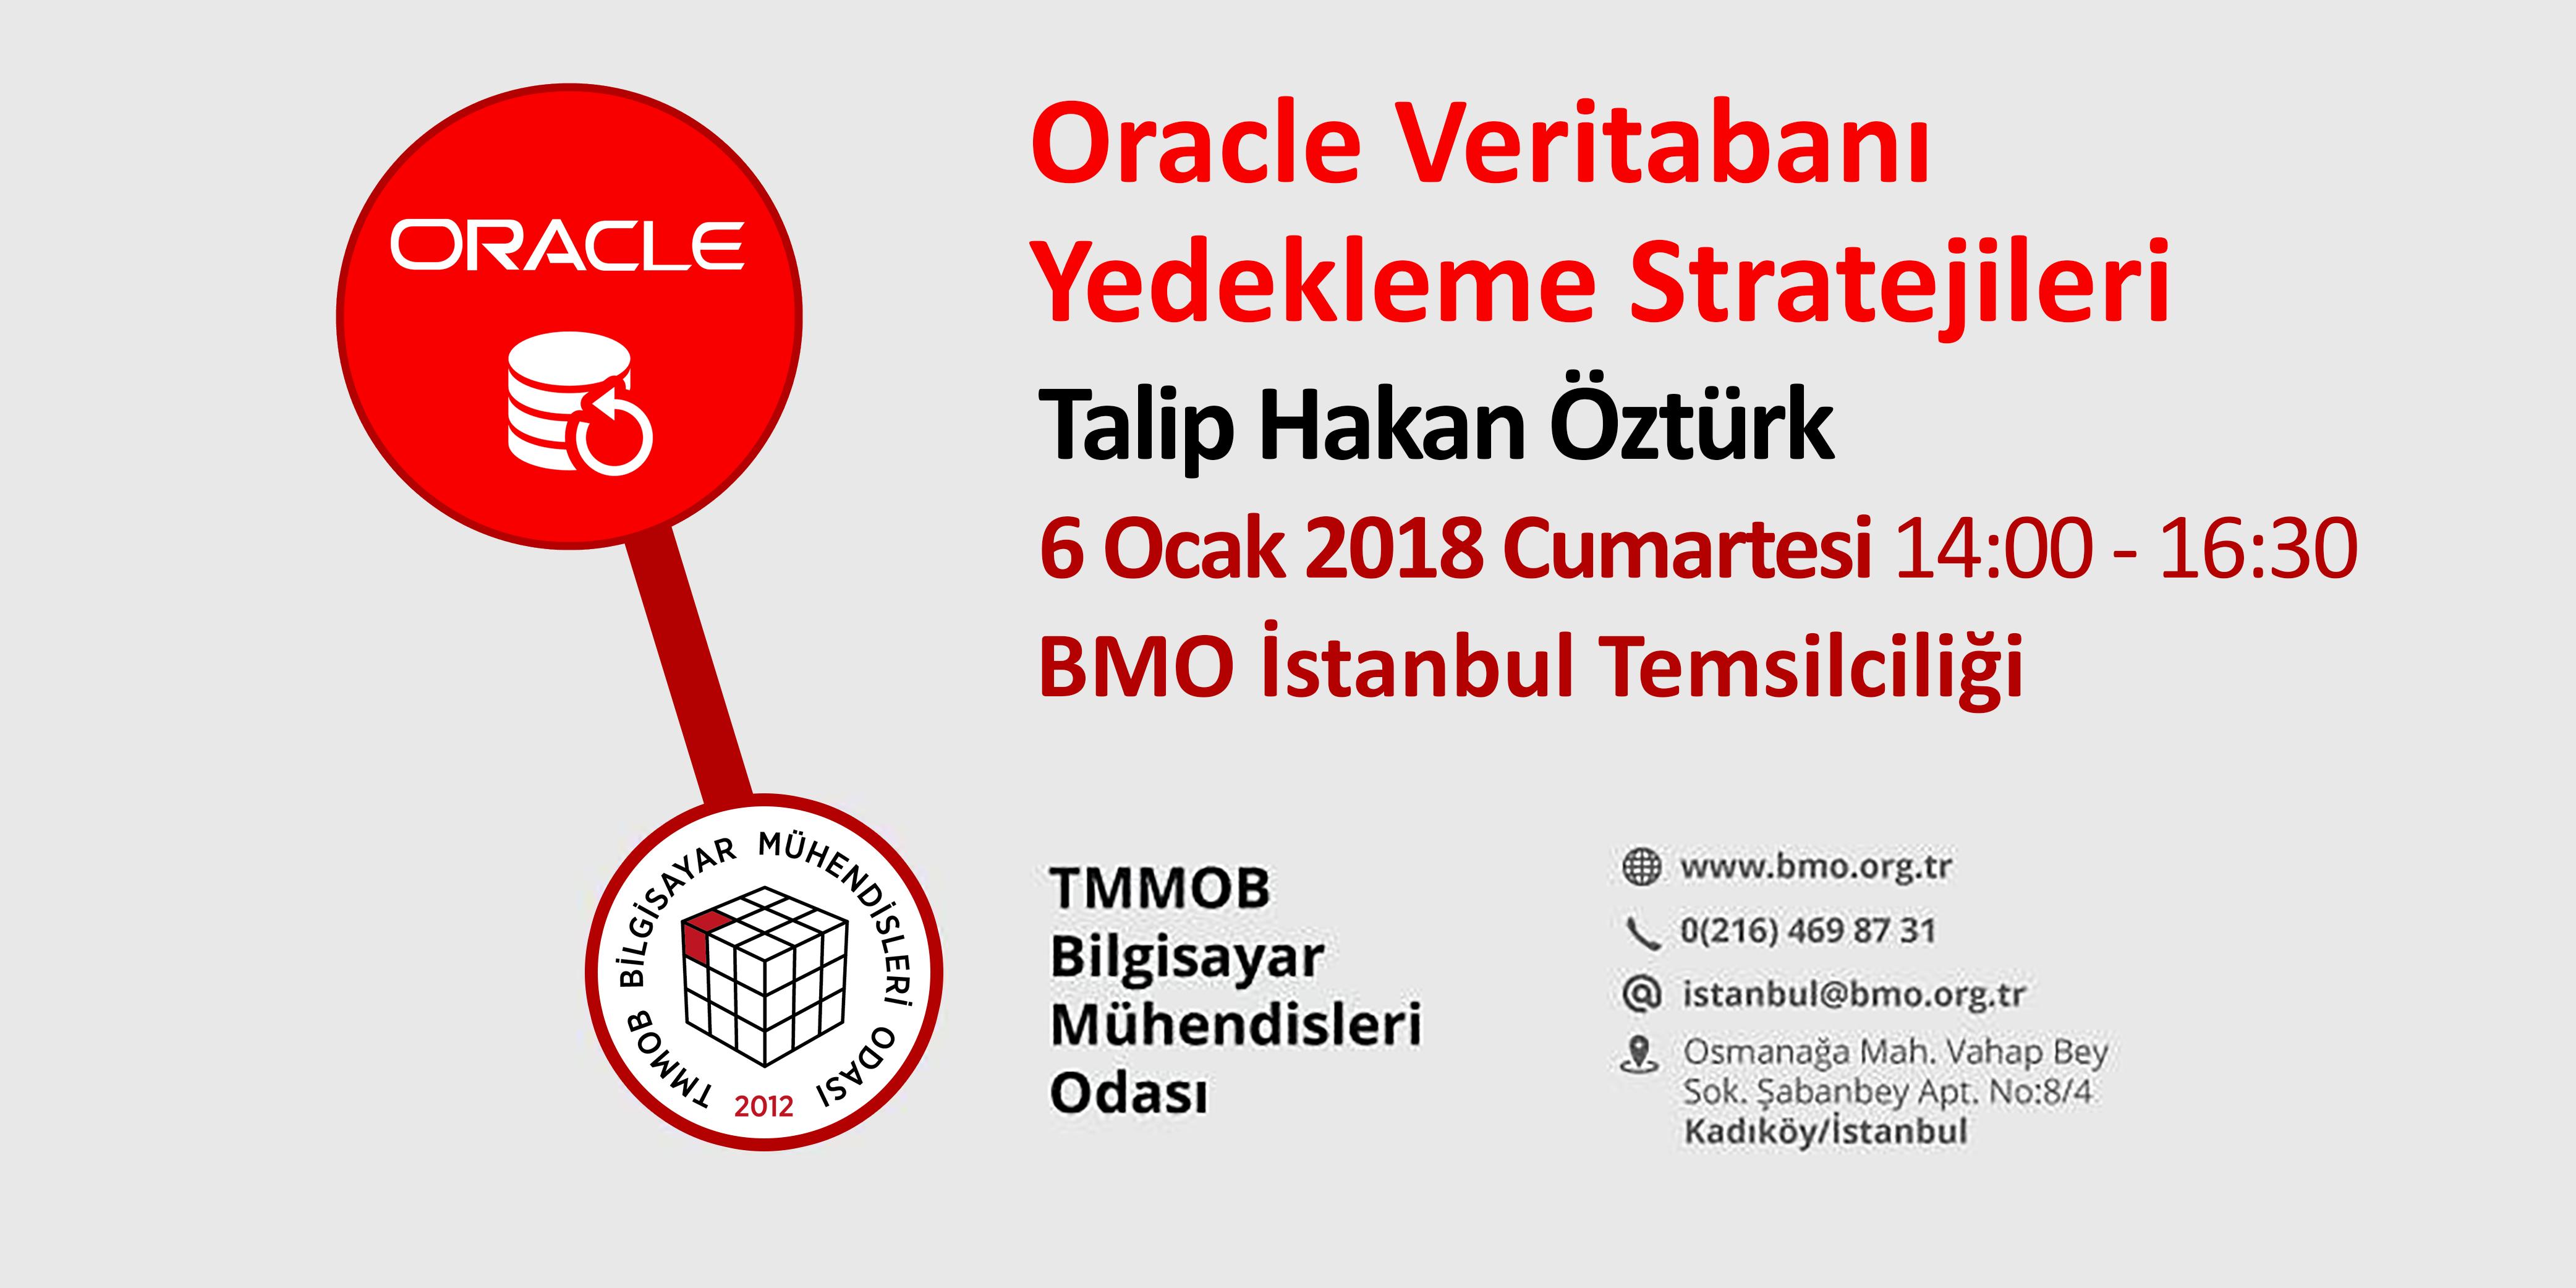 BMO_Oracle_yedekleme_stratejiler